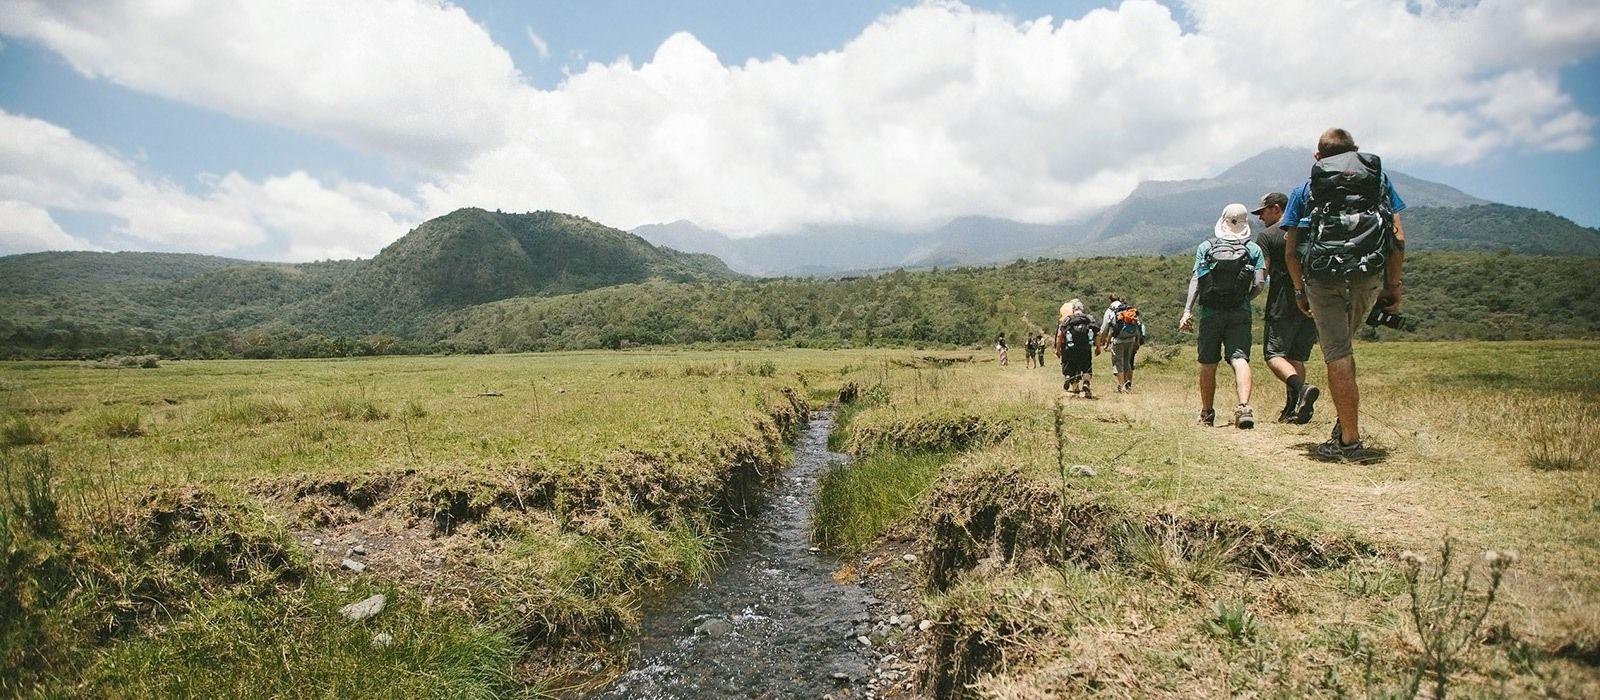 Maasai Magic, Safari and Zanzibar Tour Trip 2